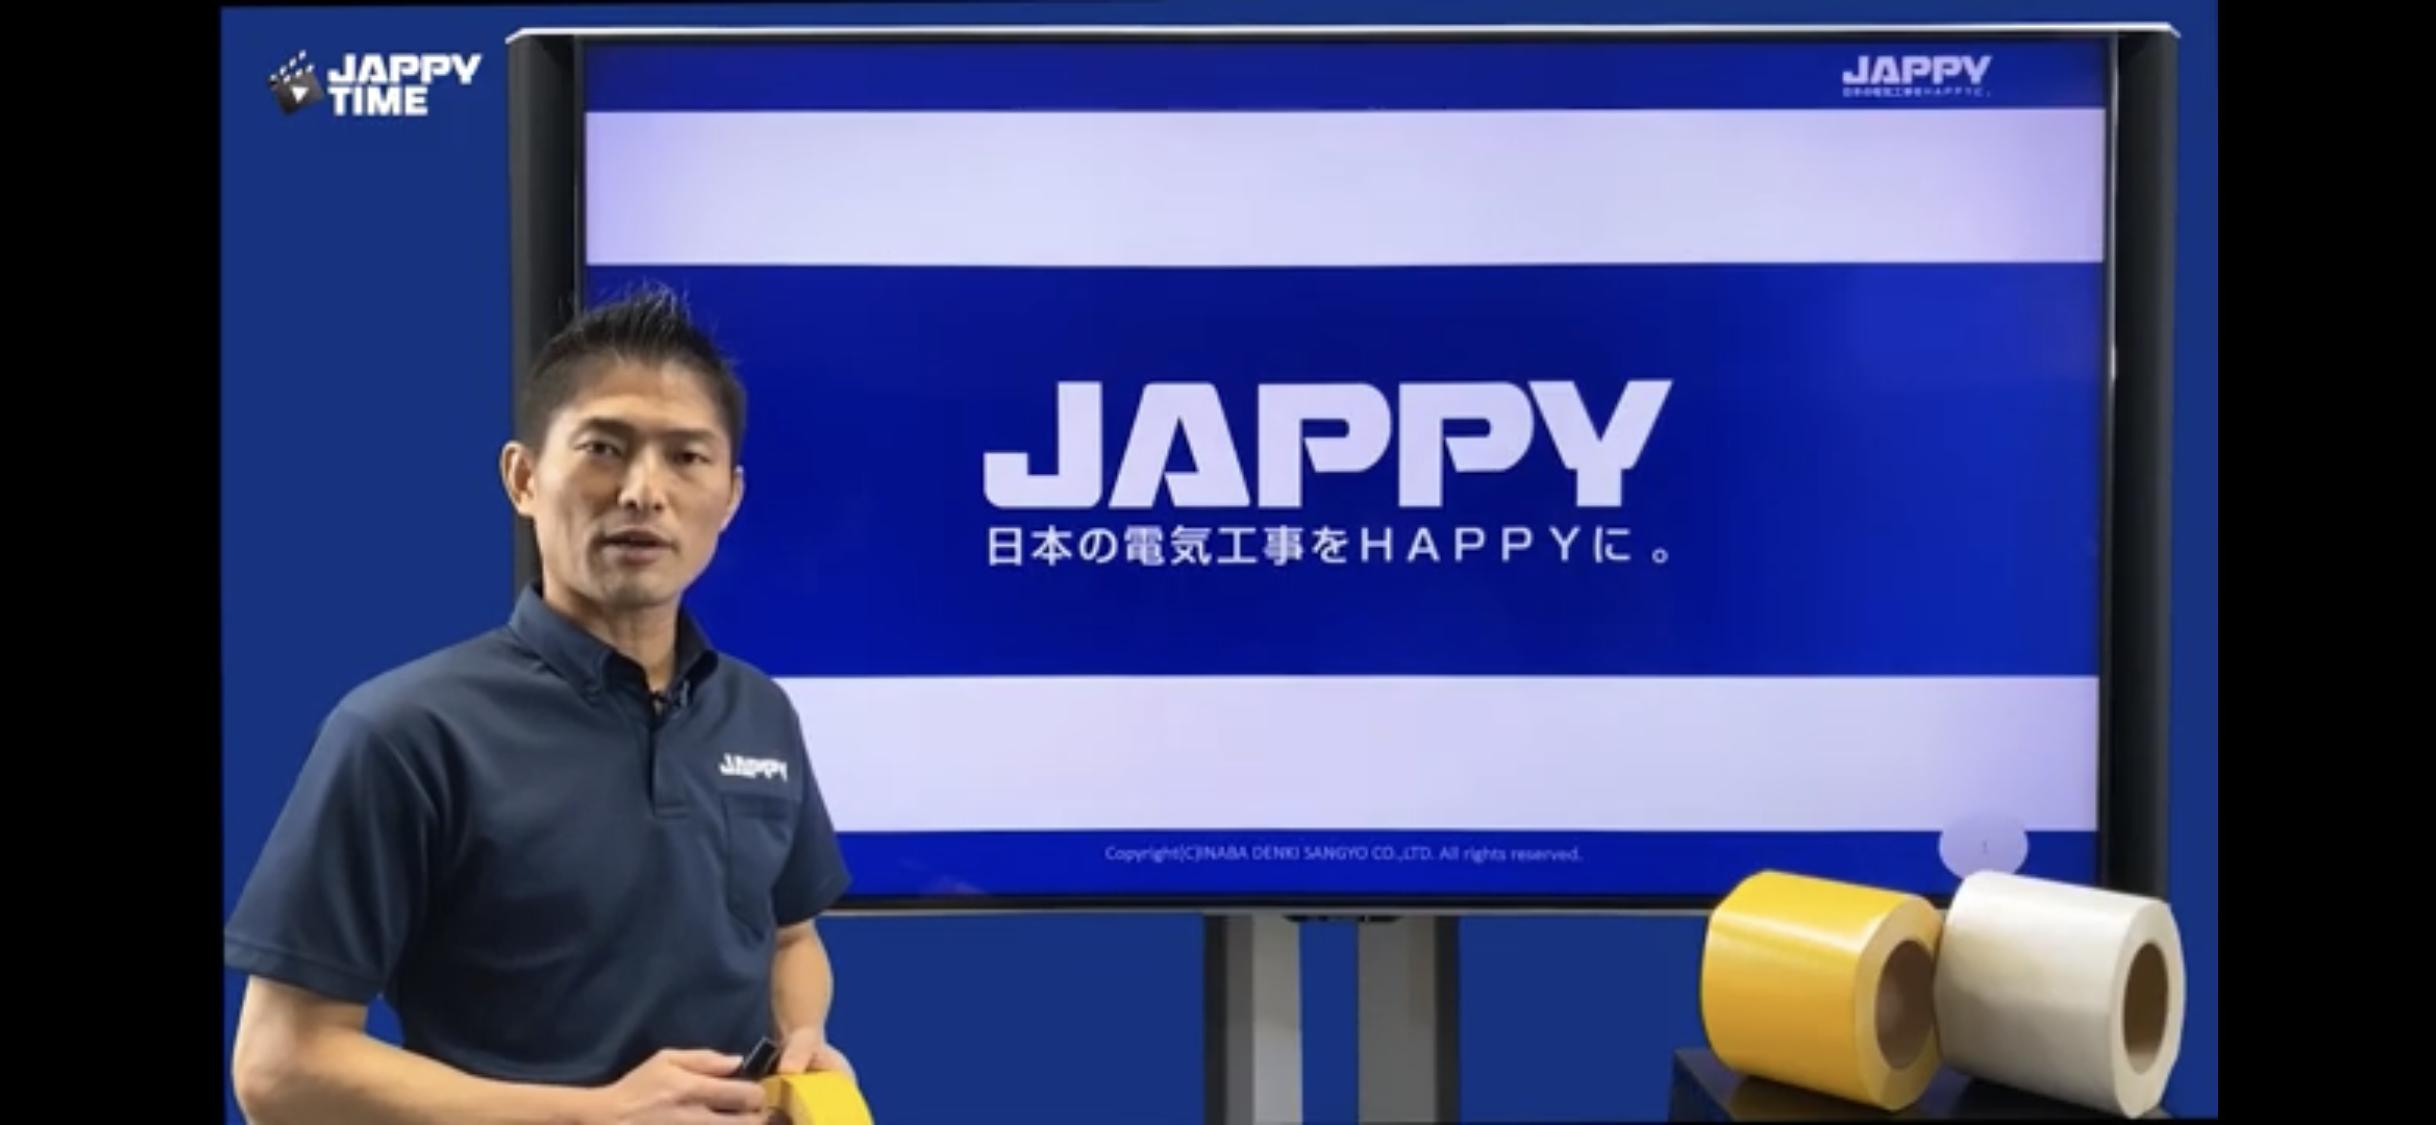 【JAPPY】公式YouTubeチャンネルでおすすめ製品をご紹介『JAPPY TIME』の画像